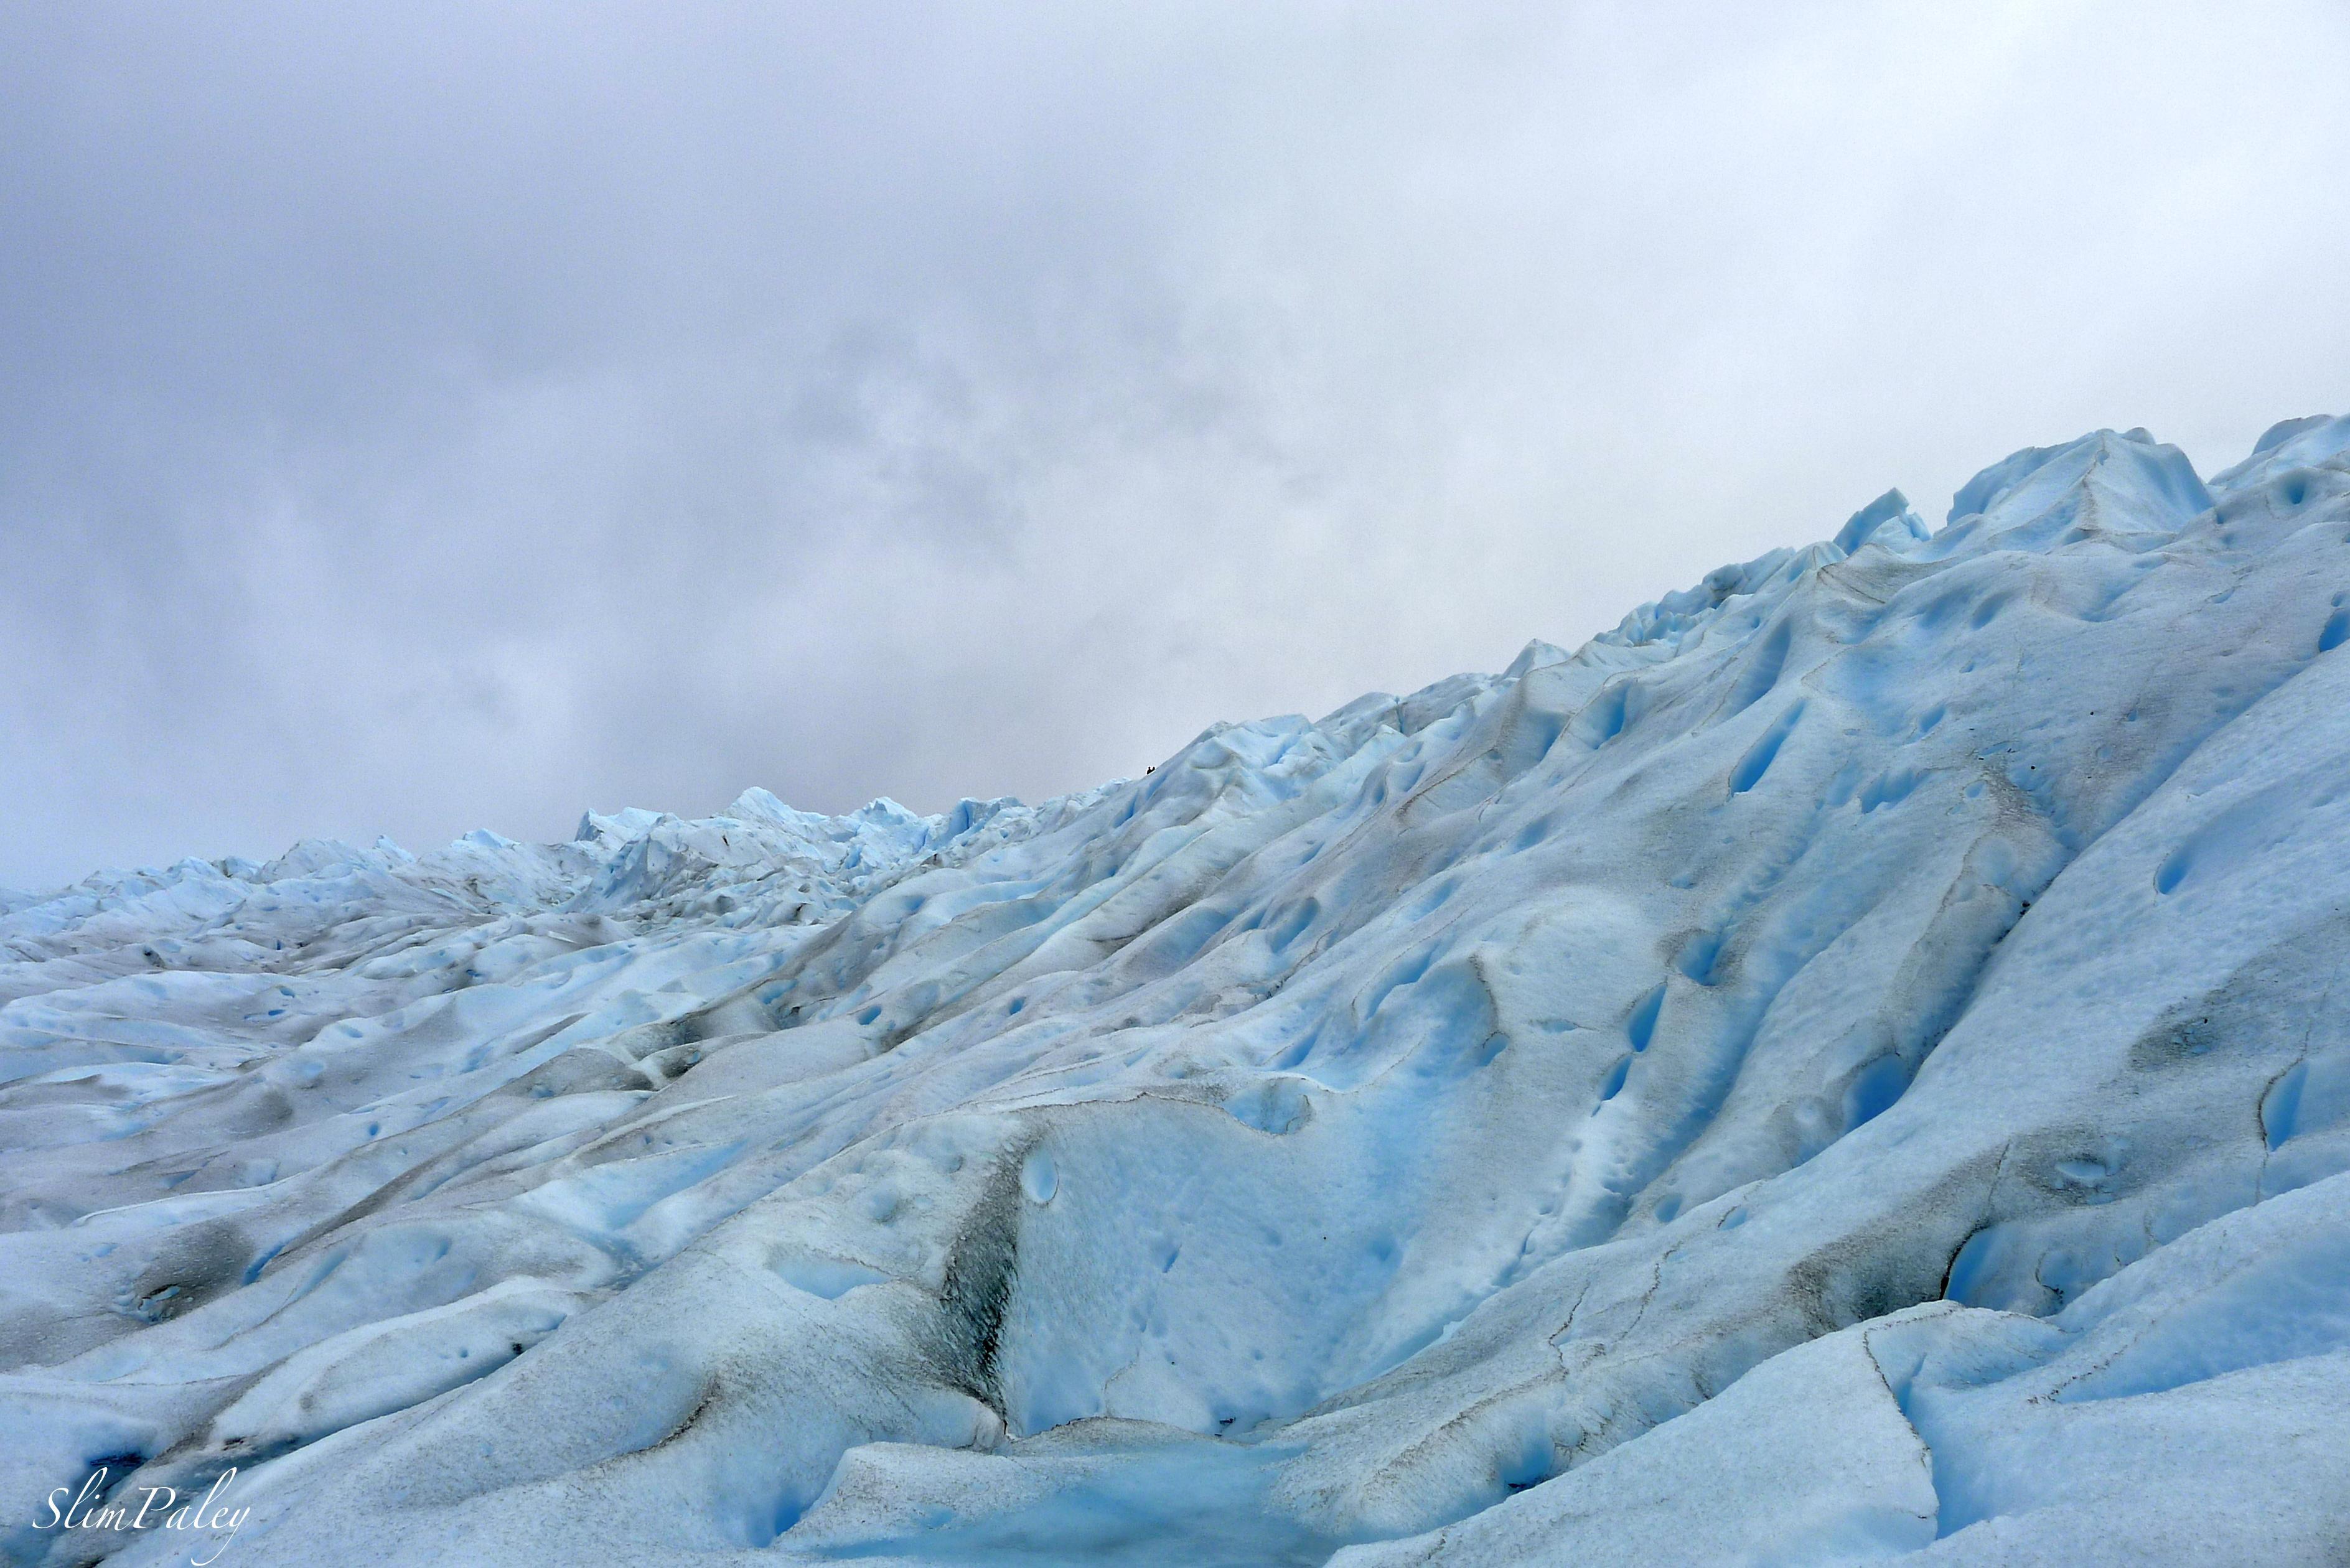 glacier slimpaley.com